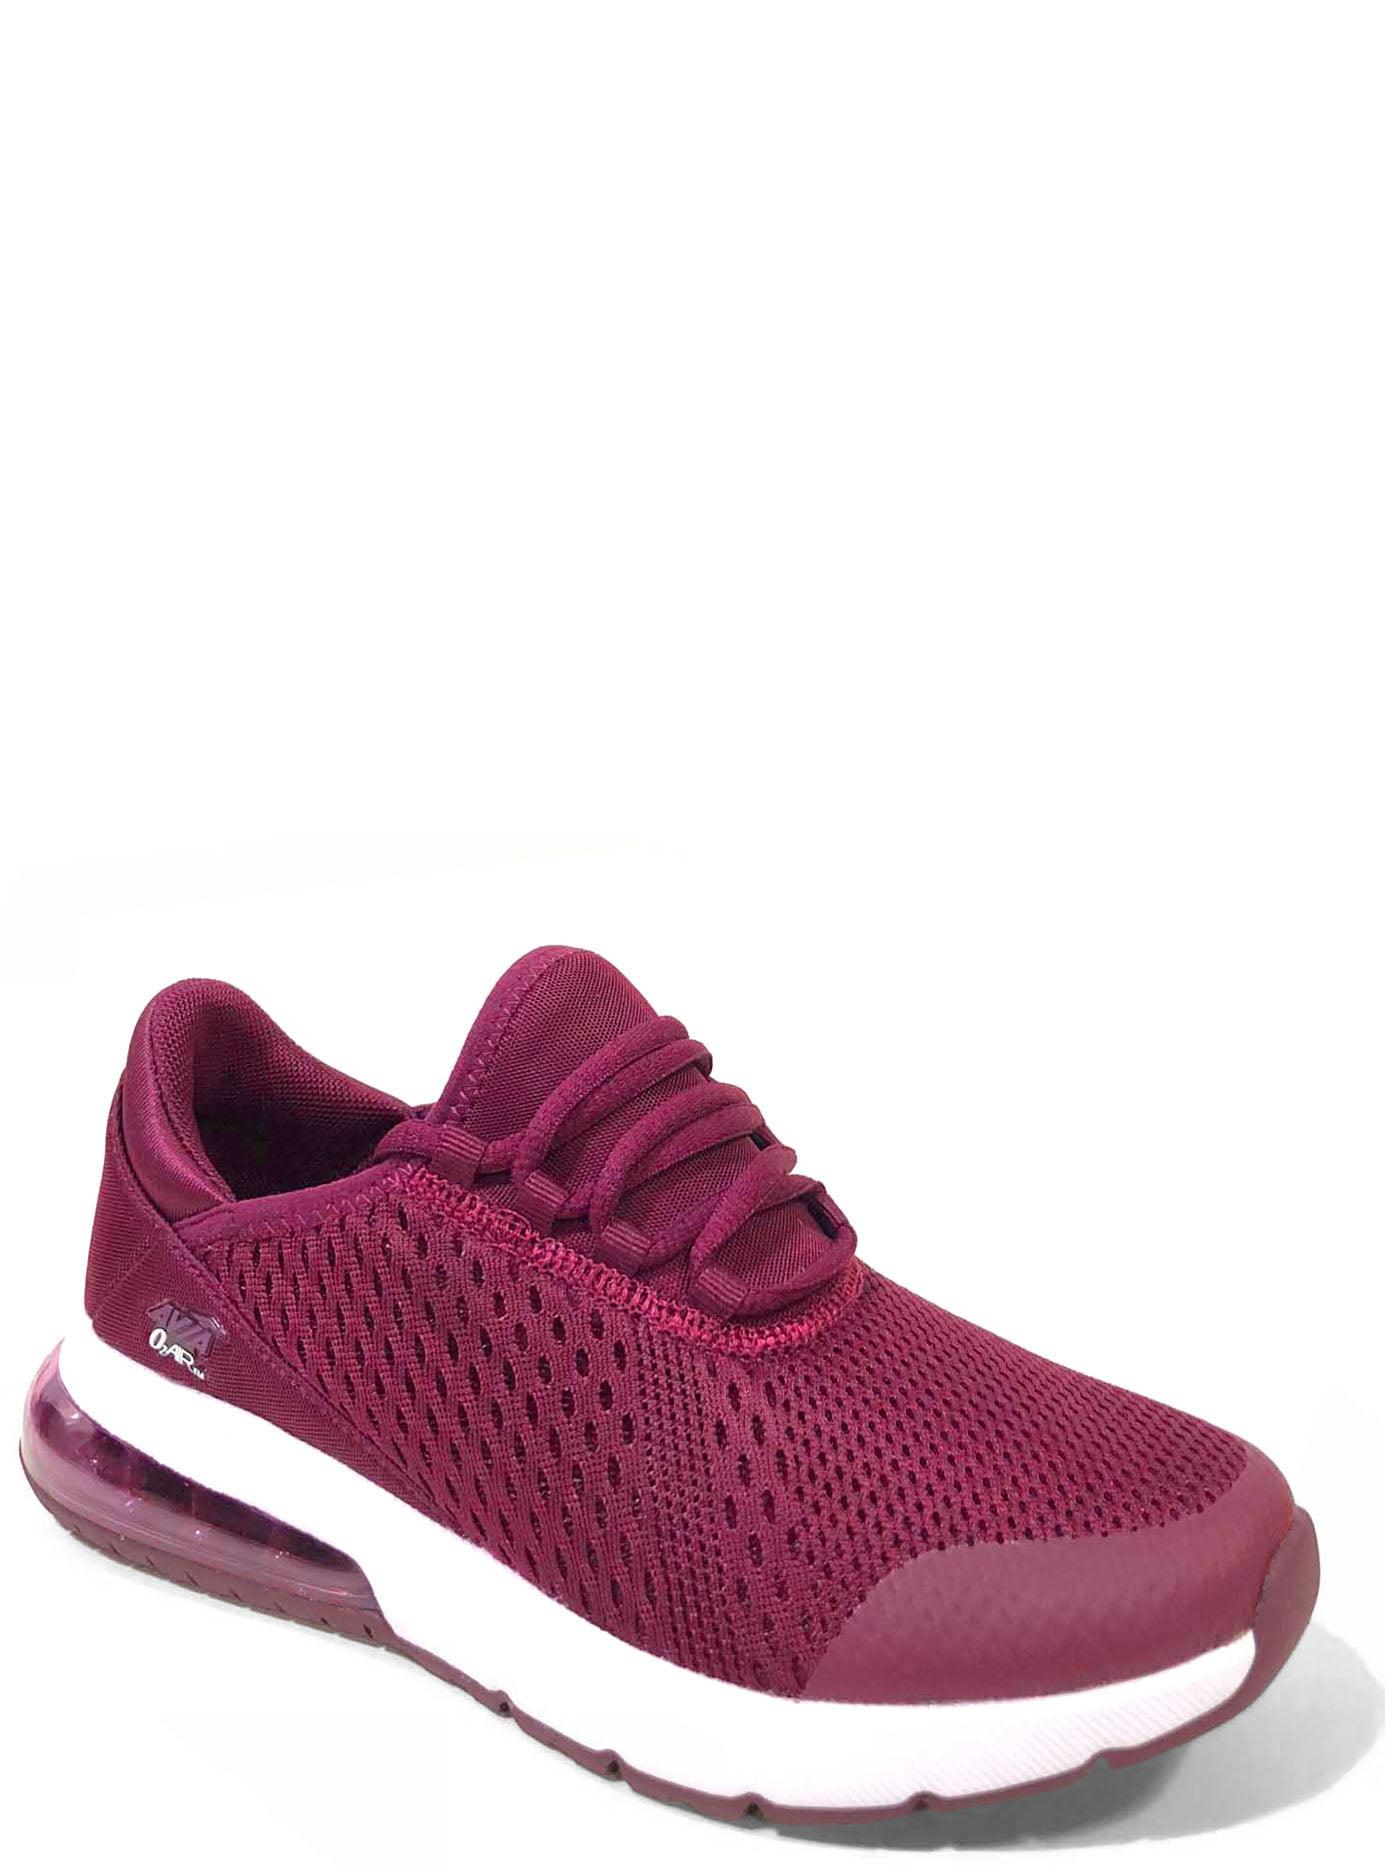 Avia - Womens Avia O2Air Athletic Shoe